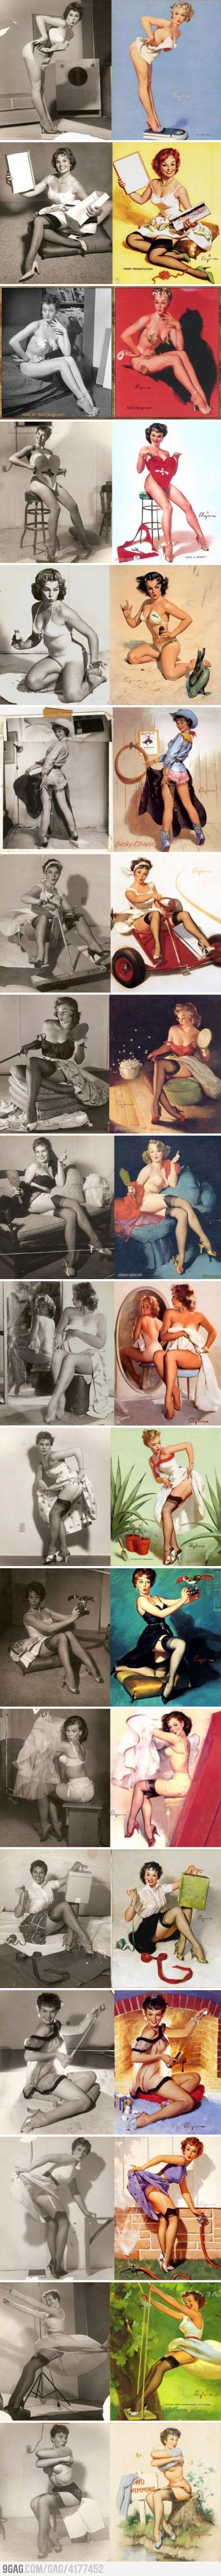 Vintage Real girls vs. Pin-up girls